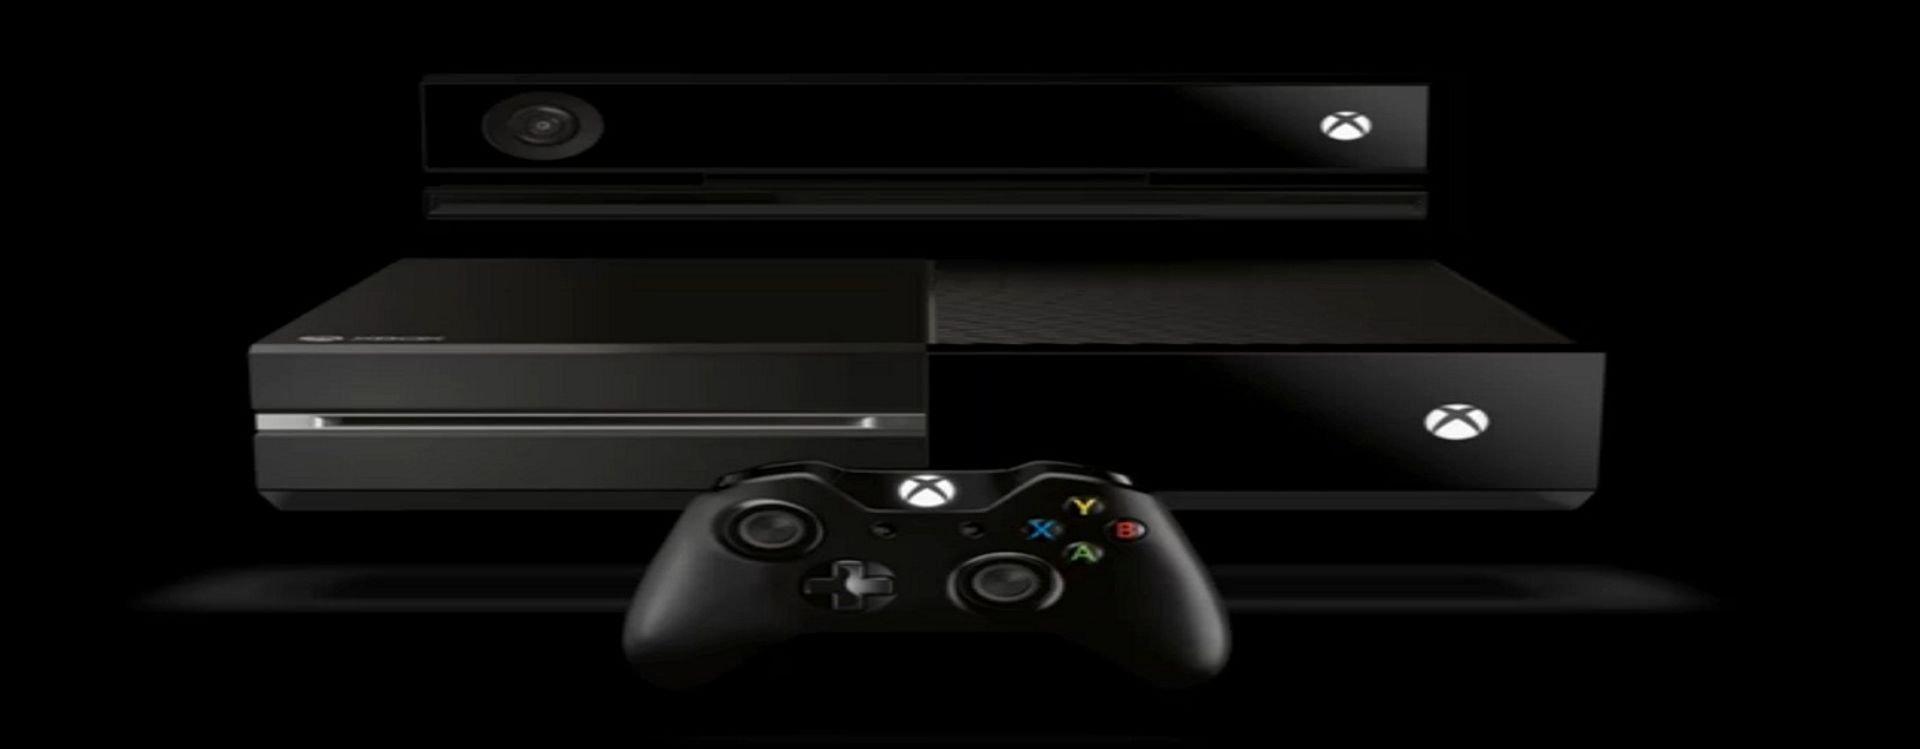 من بين مشغلات الألعاب الأكبر في العالم اليوم، فسلسلة Xbox هي الأحدث بينها, كيف كان تطور أجهزة اكس بوكس عبر الزمن؟